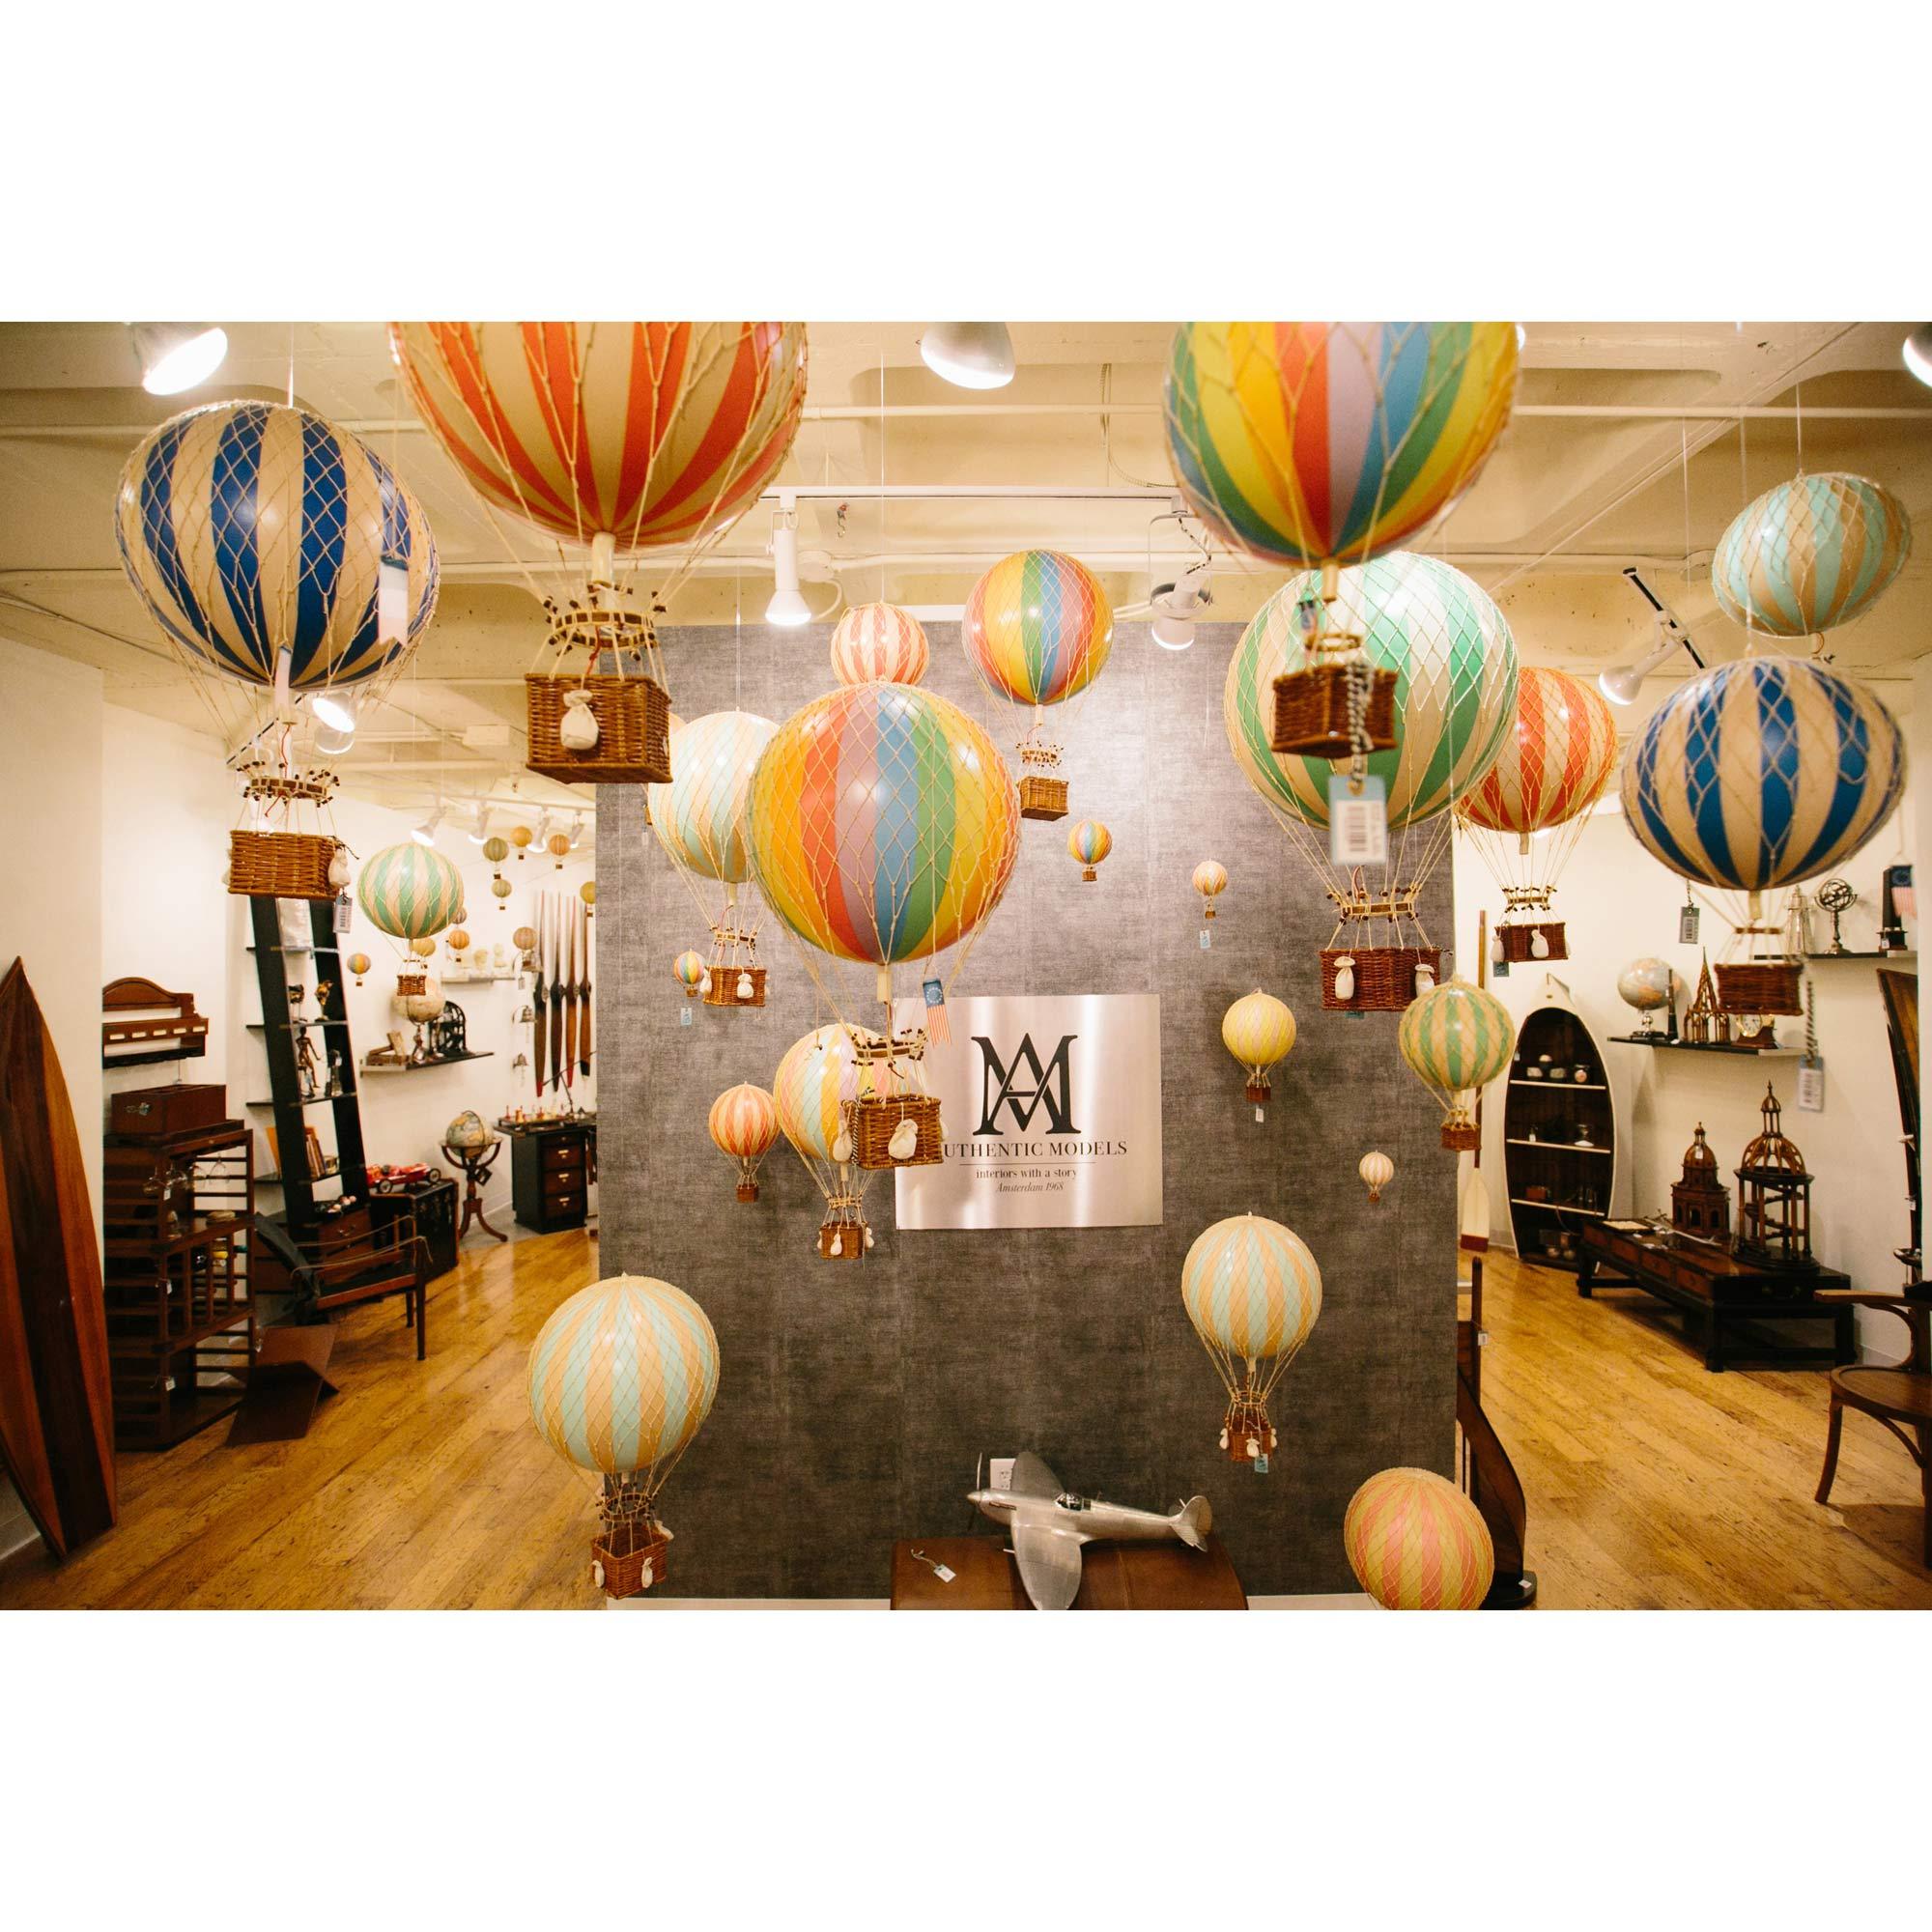 George Modern Classic Blue Royal Hot Air Balloon Miniature